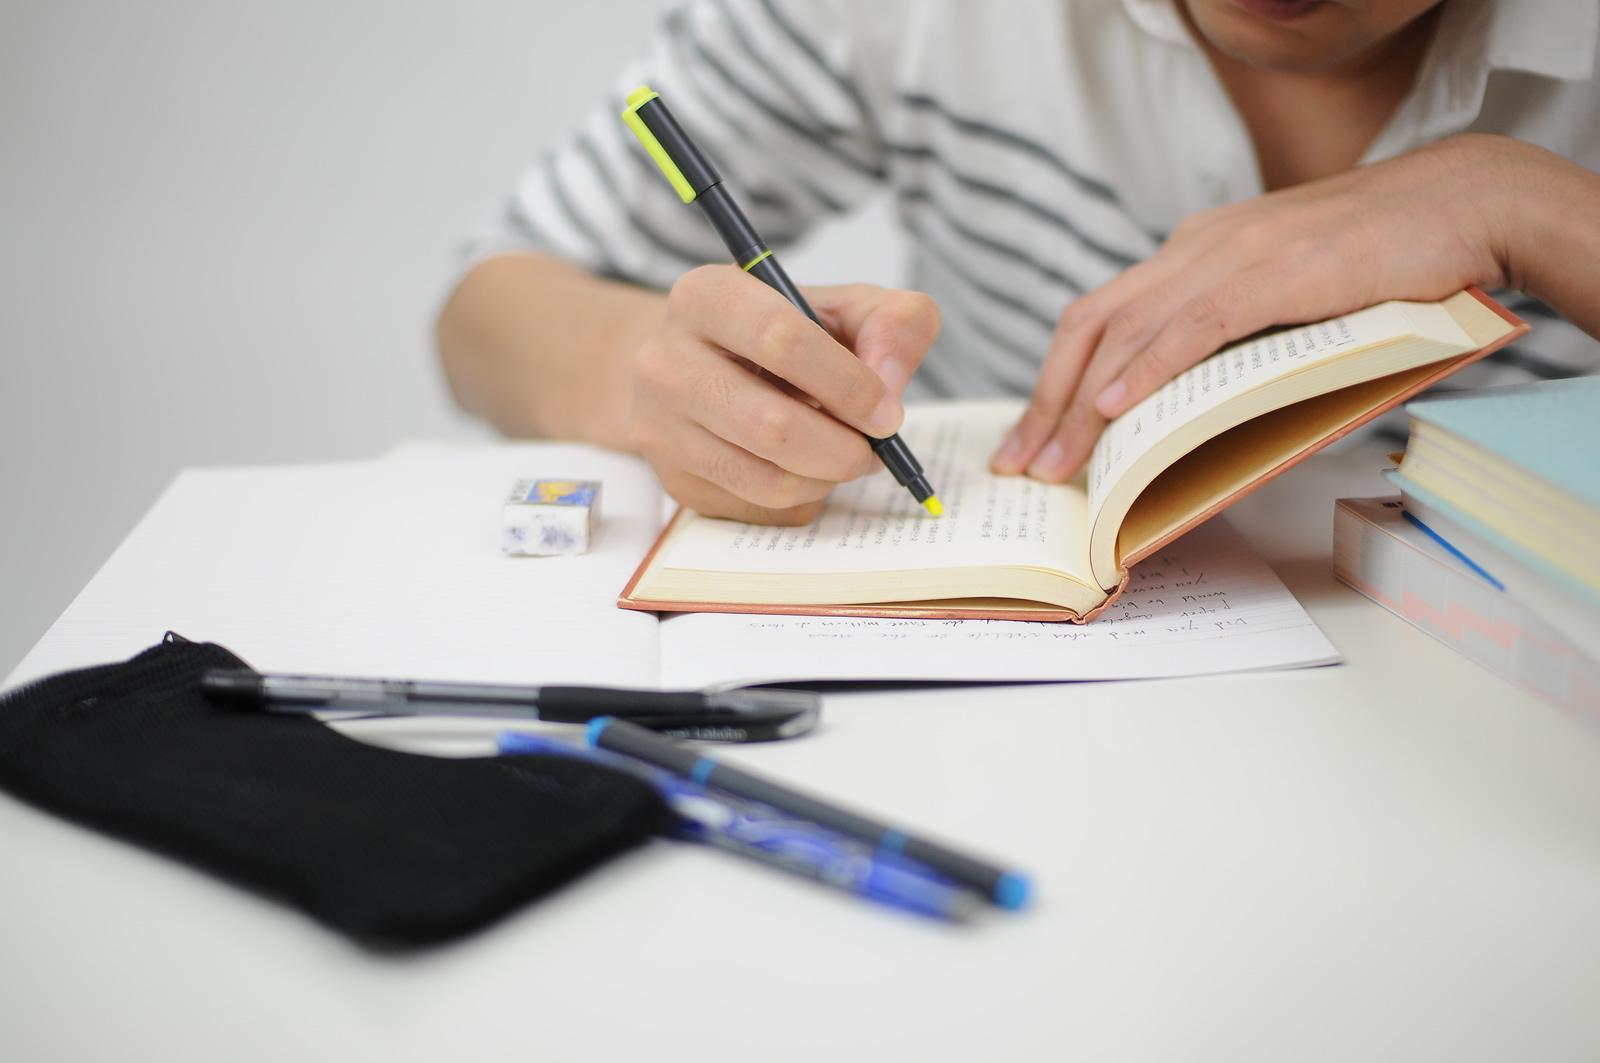 英語検定ジュニアゴールド受験レベルは?過去問題集テキスト本紹介!園児でも90%以上!